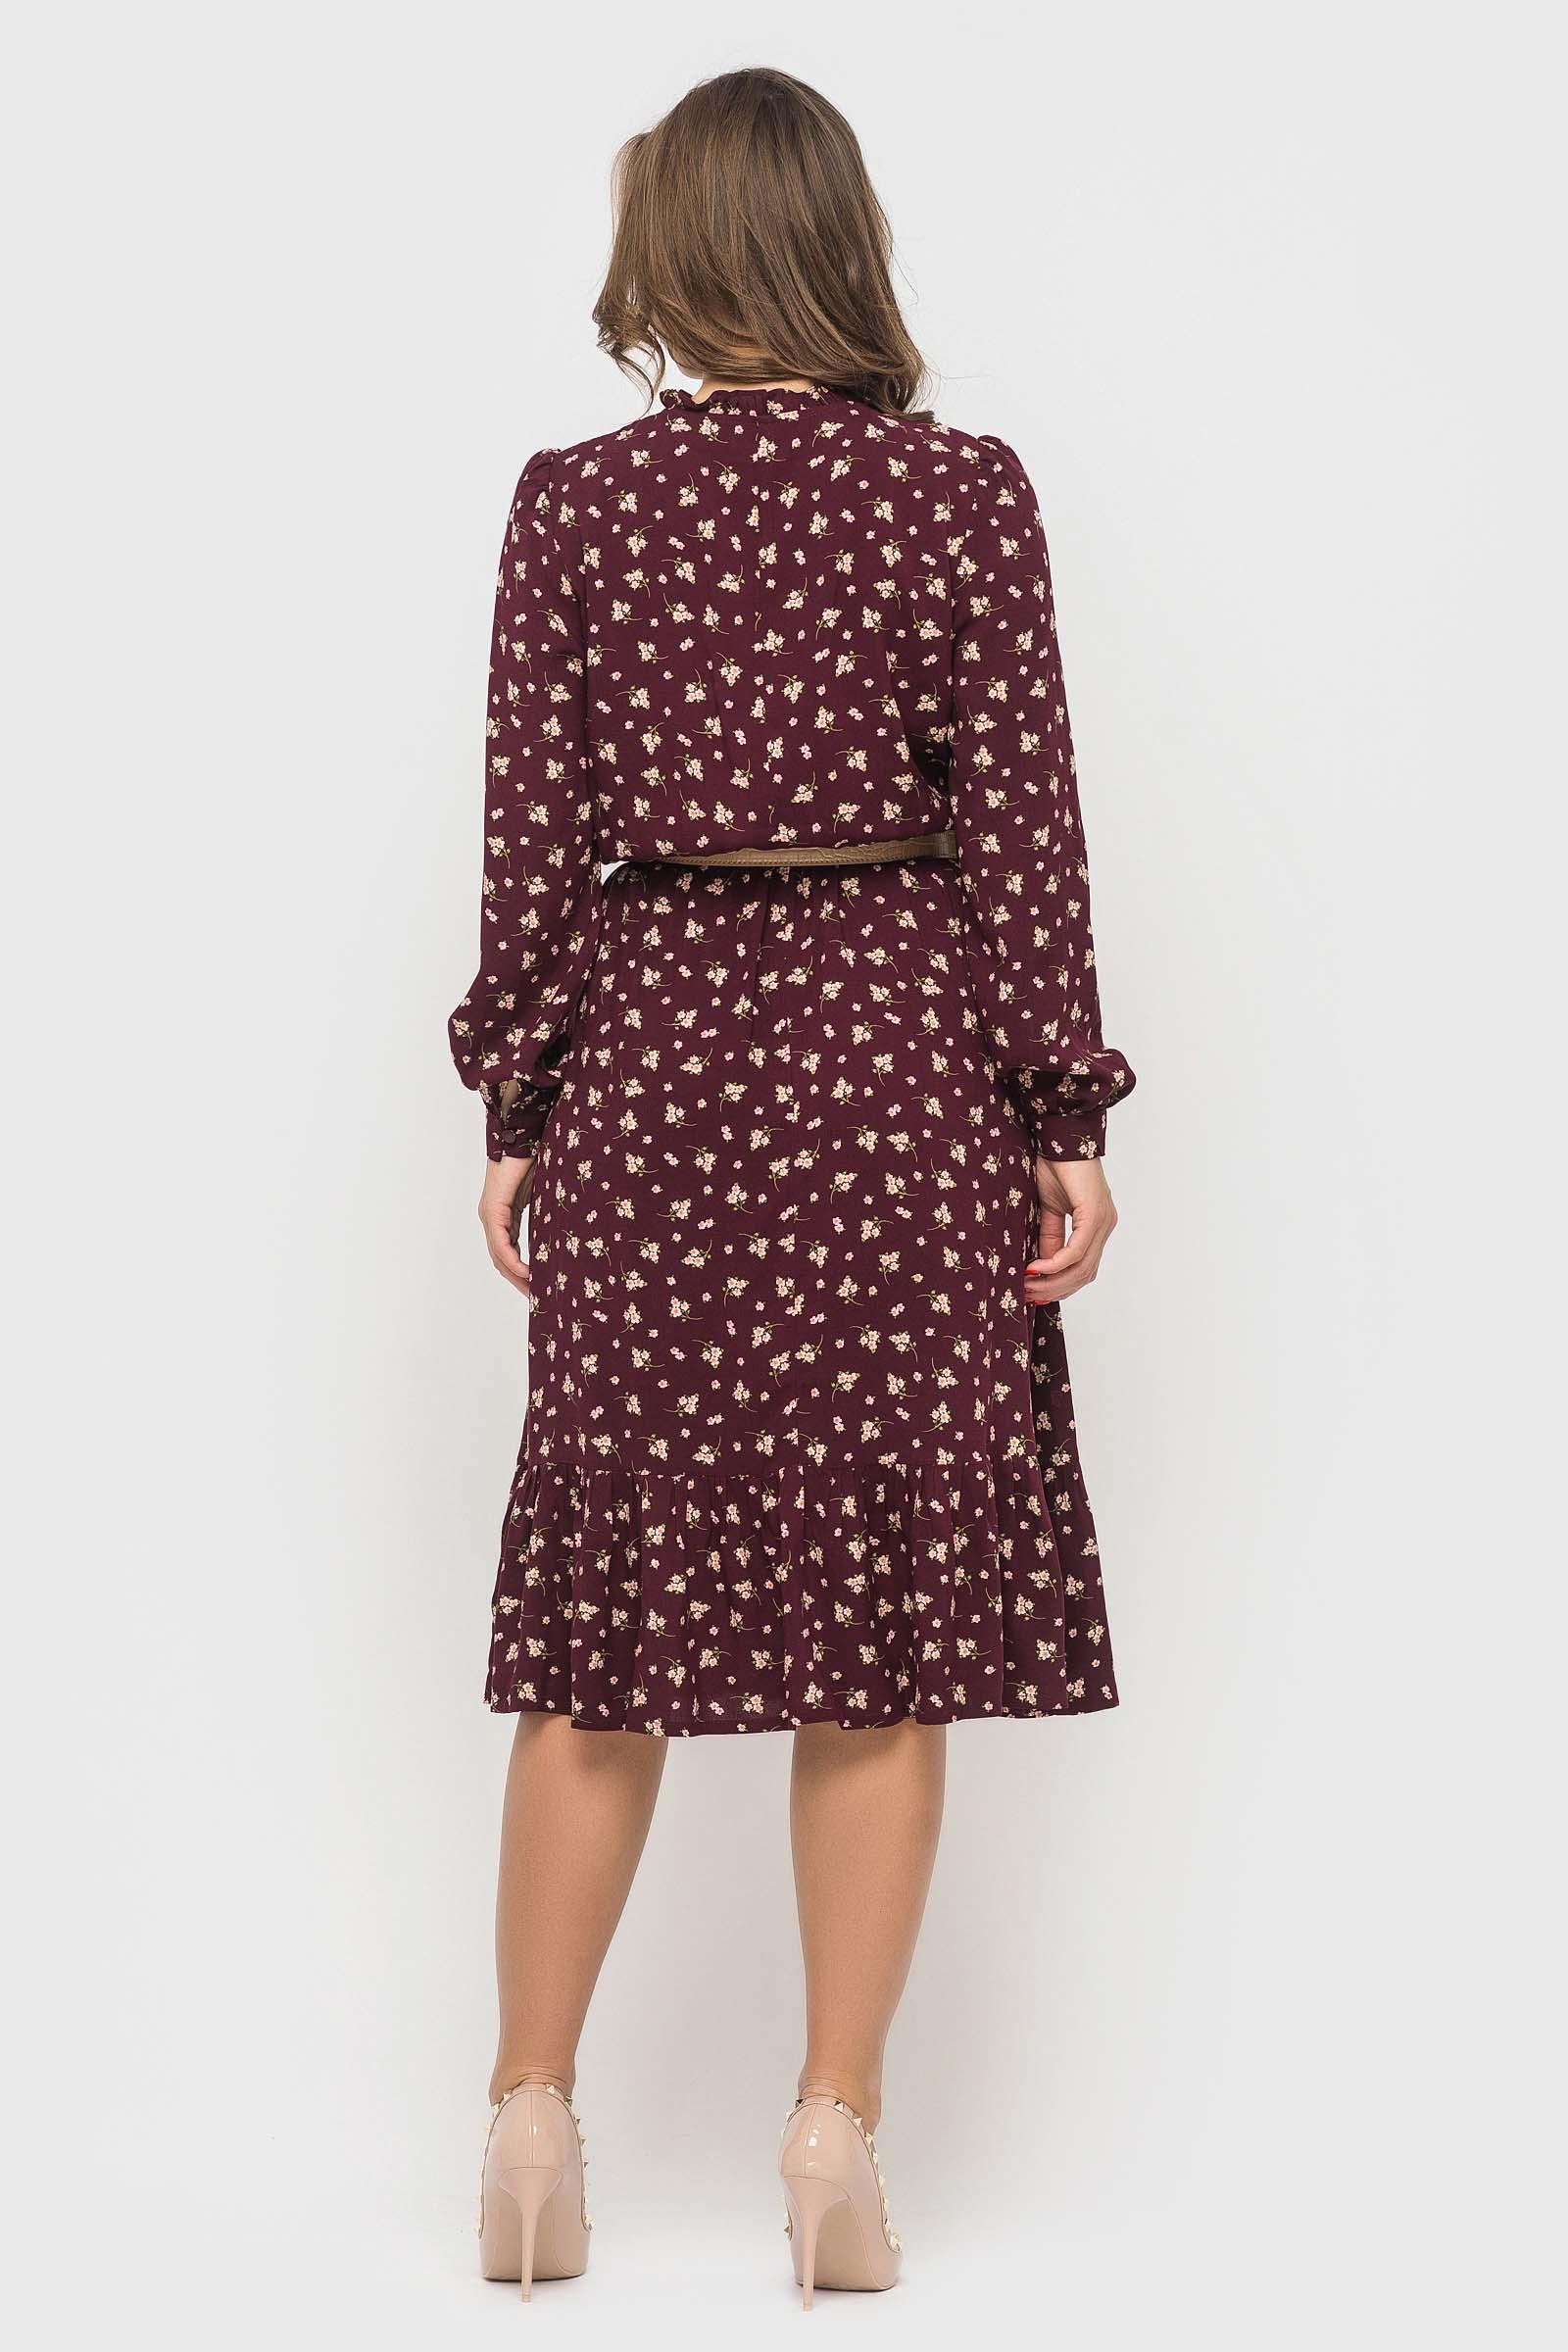 be art 2020 04 07182501 Купить платье